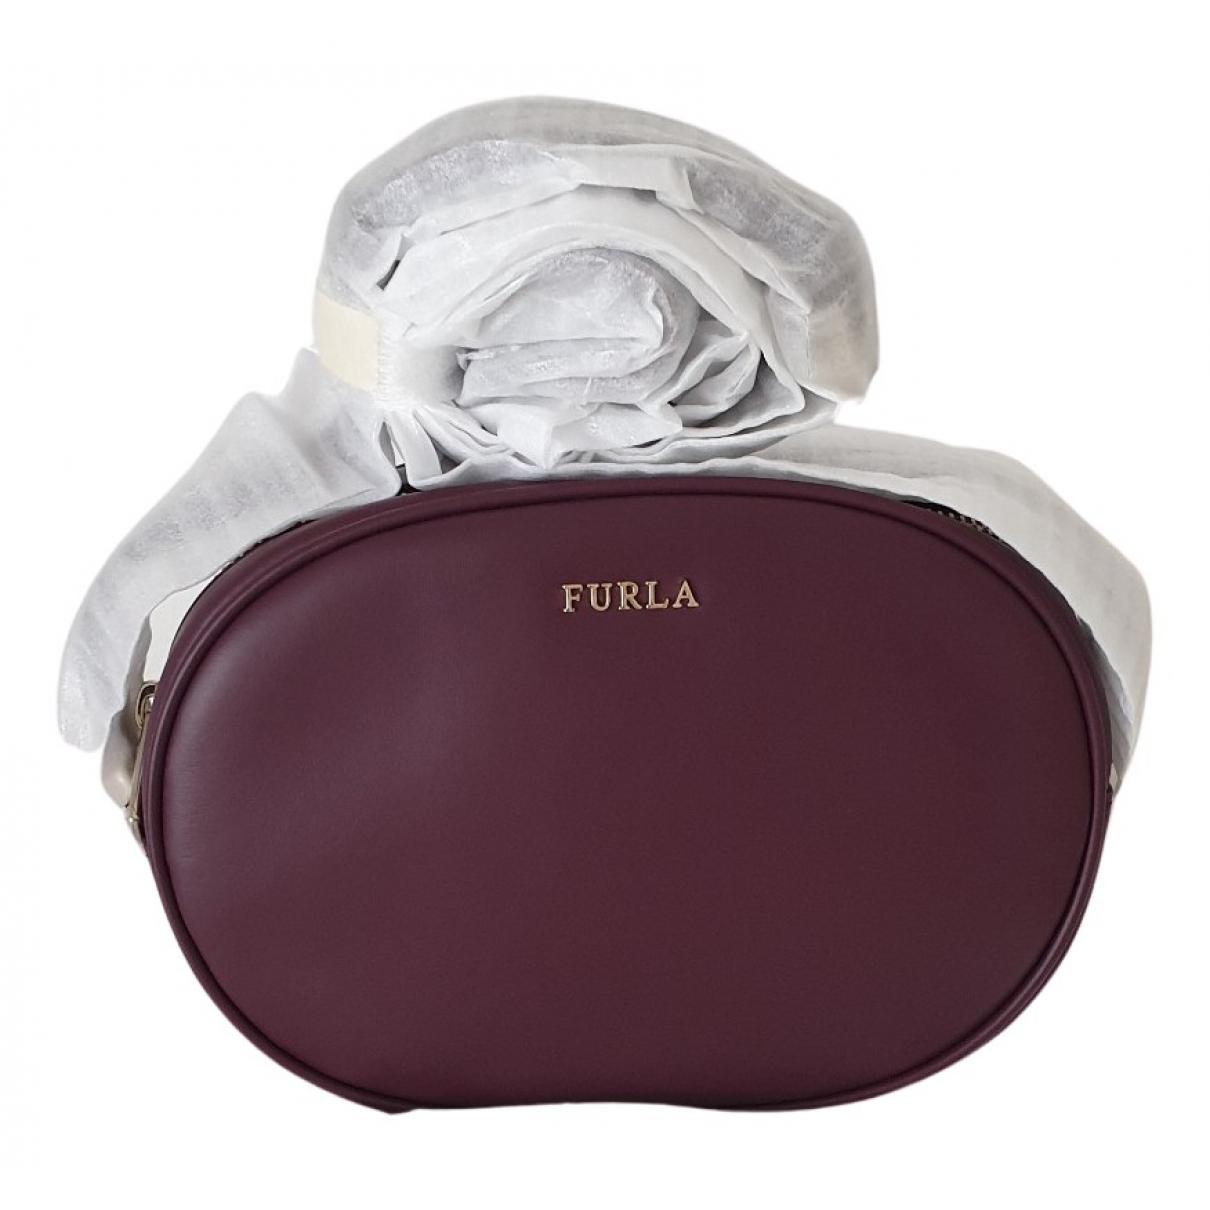 Furla \N Clutch in  Bordeauxrot Leder